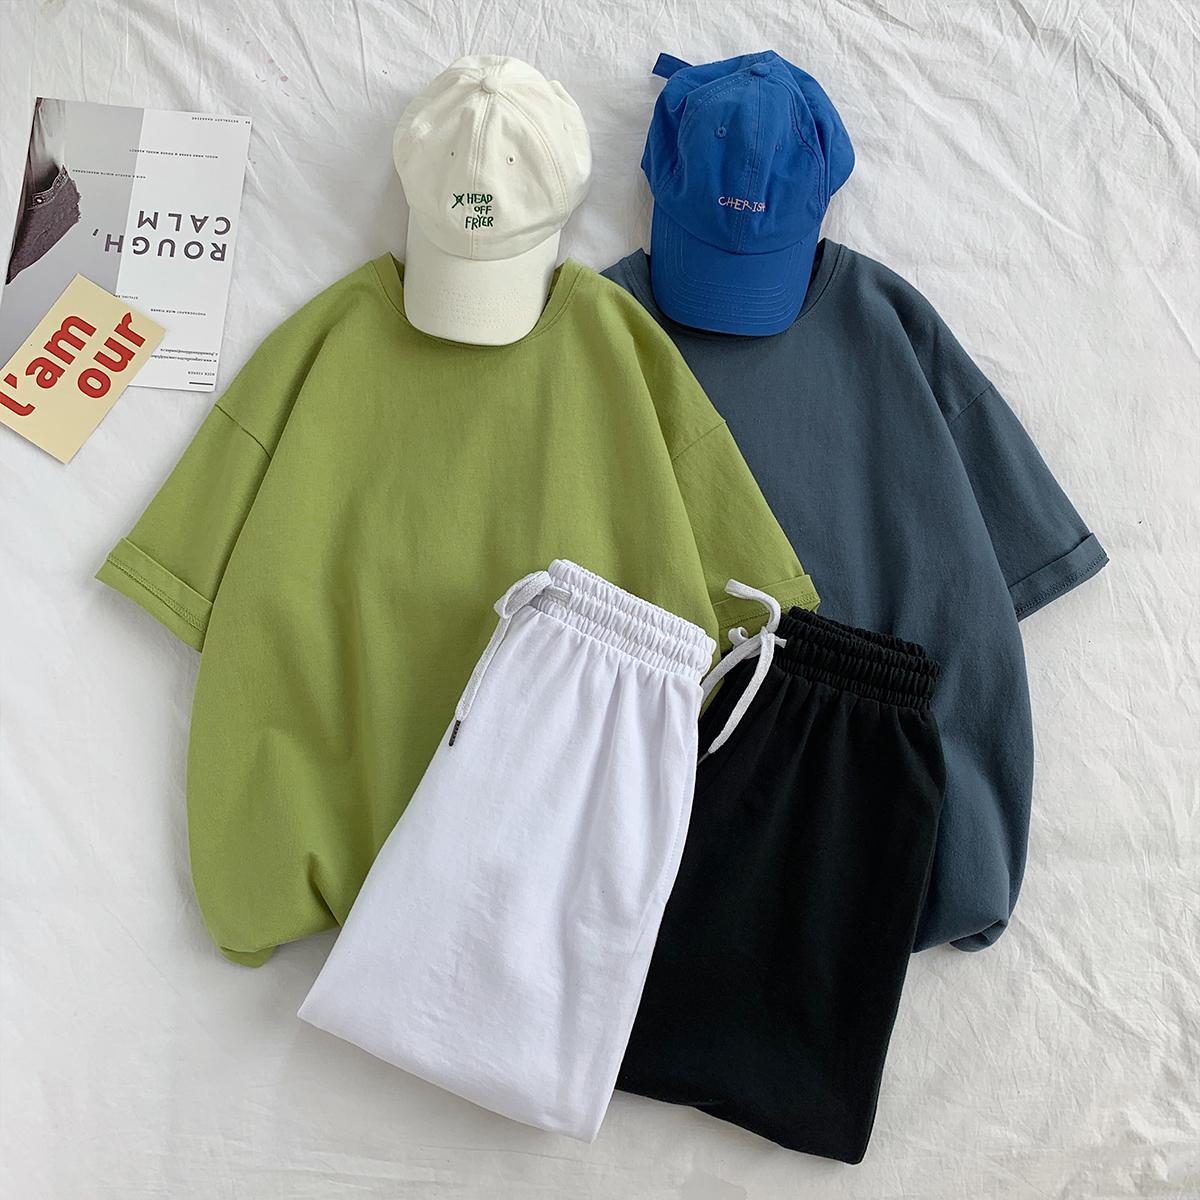 스포츠 및 레저 정장 망과 여자 순수한 면화 티셔츠 반바지 2 피스 슈트 인 패션 브랜드 커플 학생 자른 바지 fashi